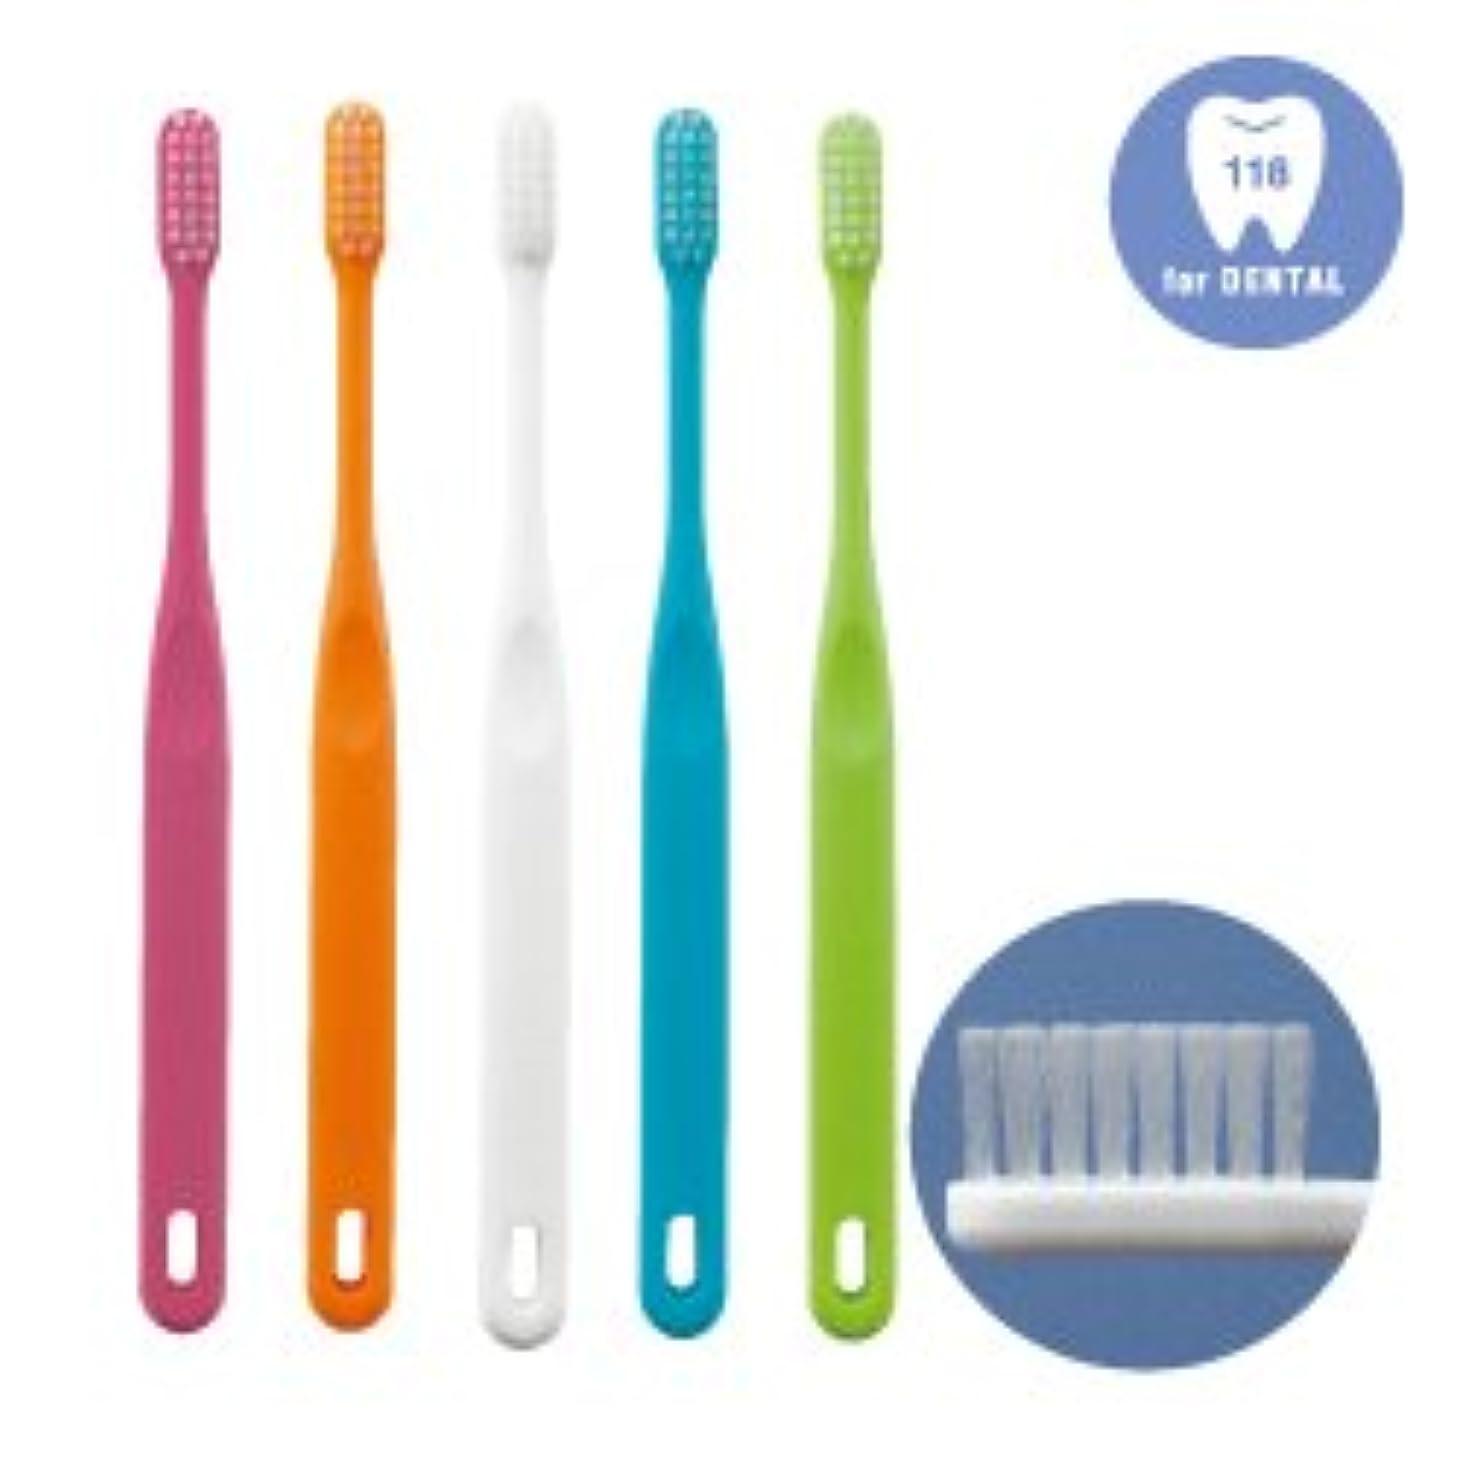 阻害する苗取り戻す歯科専用歯ブラシ「118シリーズ」Advance(アドバンス)M(ふつう)25本